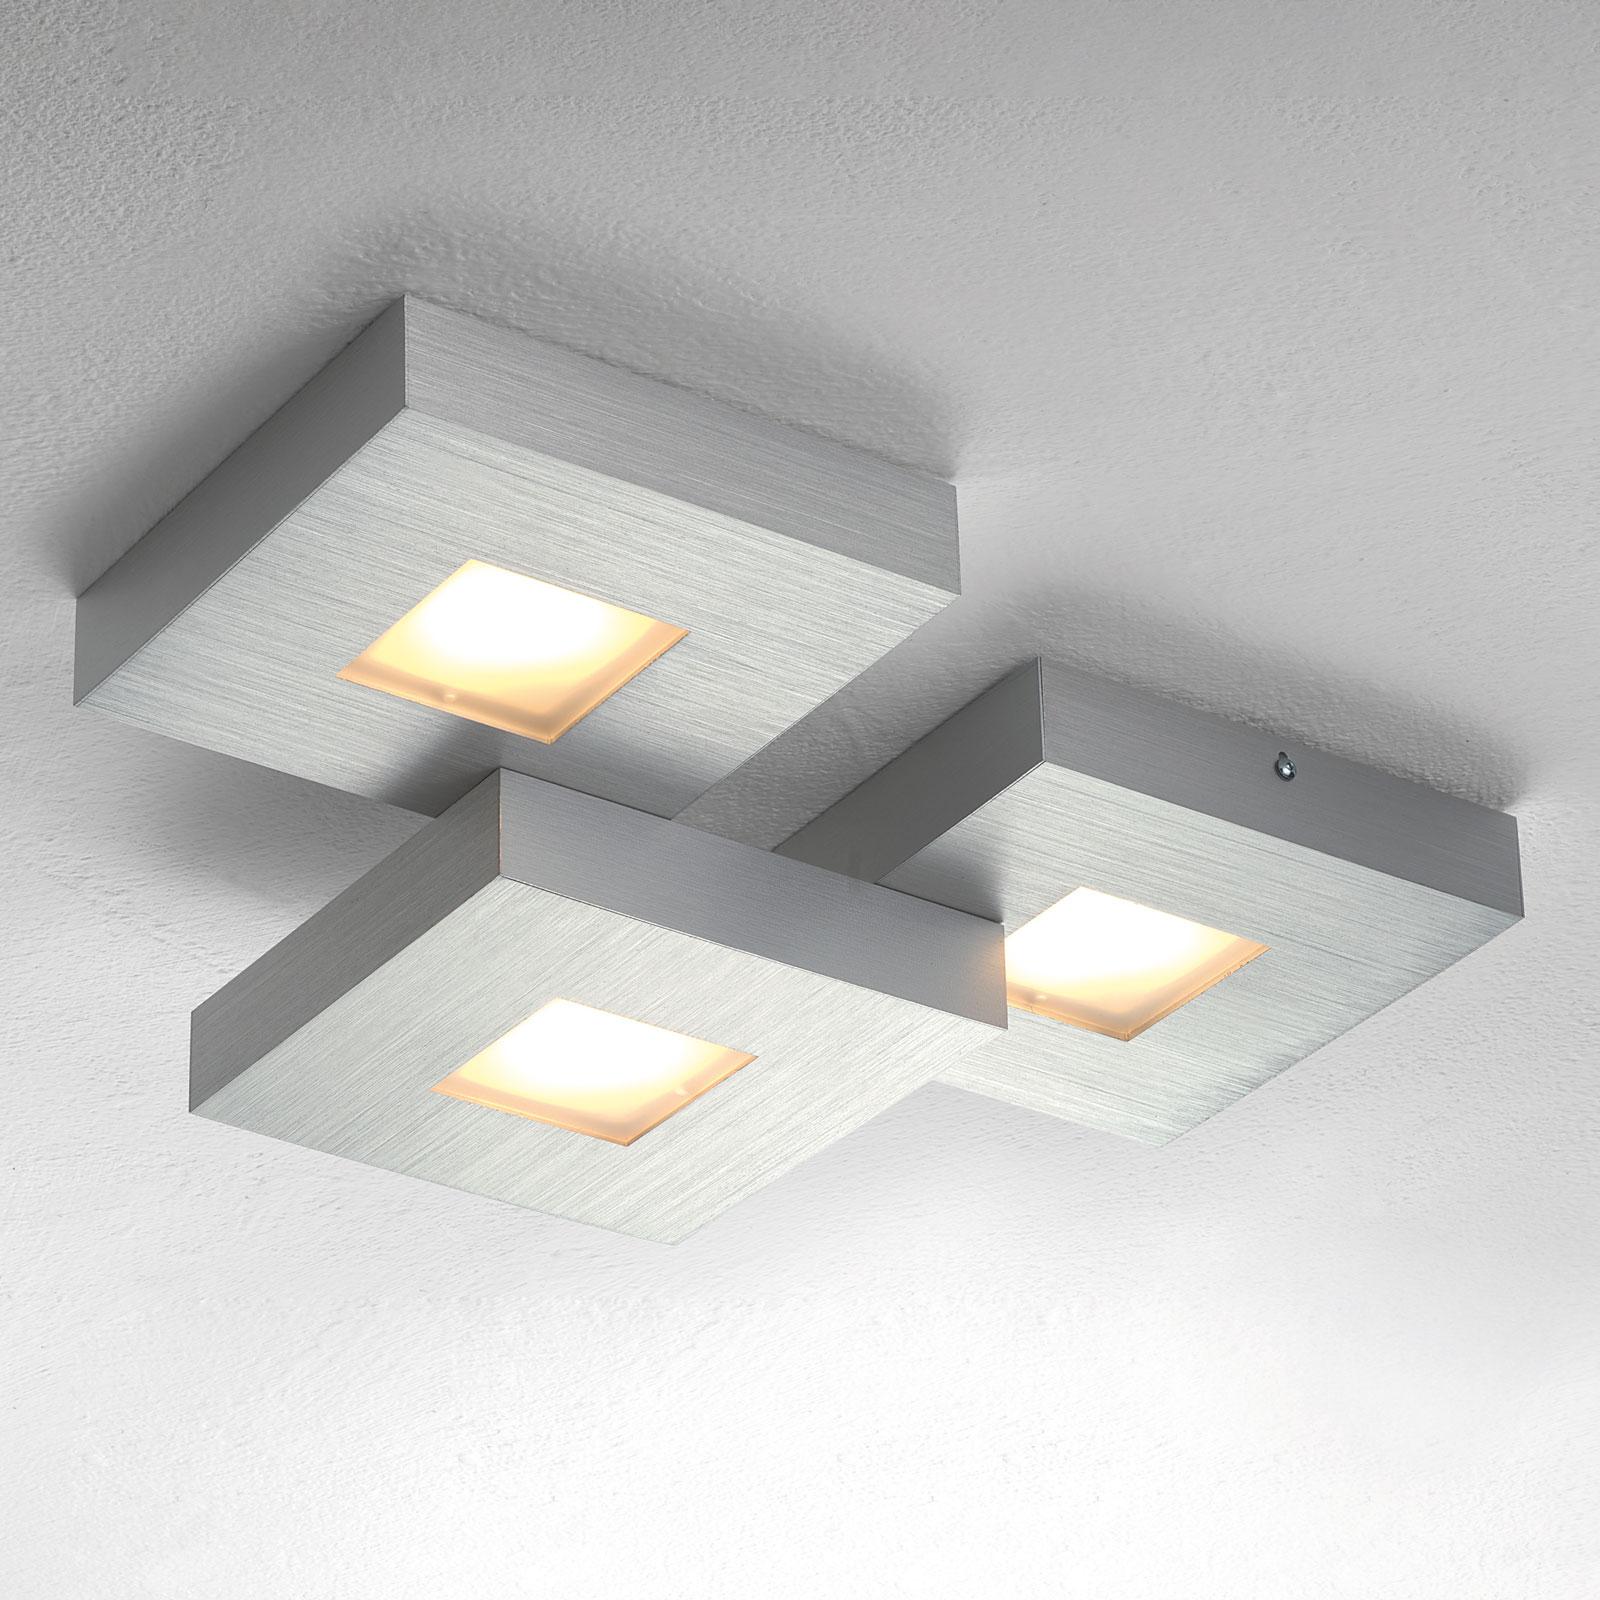 Cubus – LED-taklampa med 3 ljuskällor